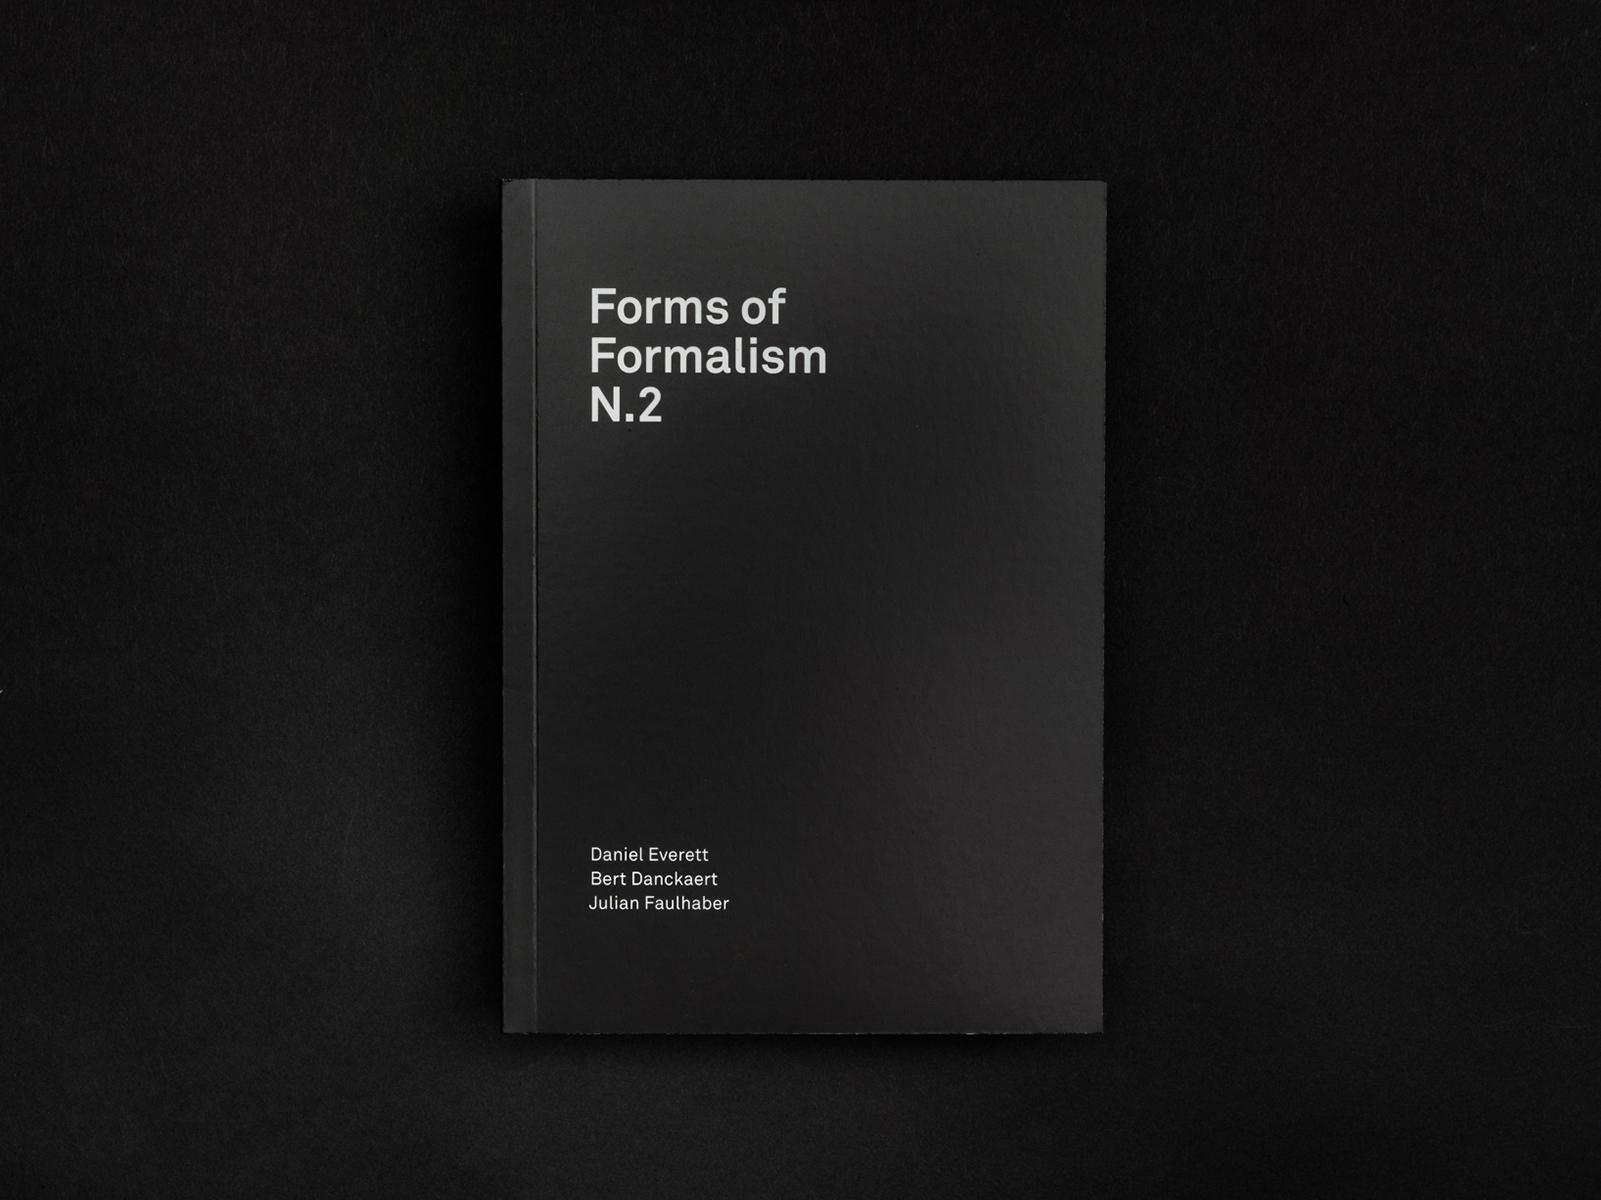 Forms of Formalism Romstöck39001